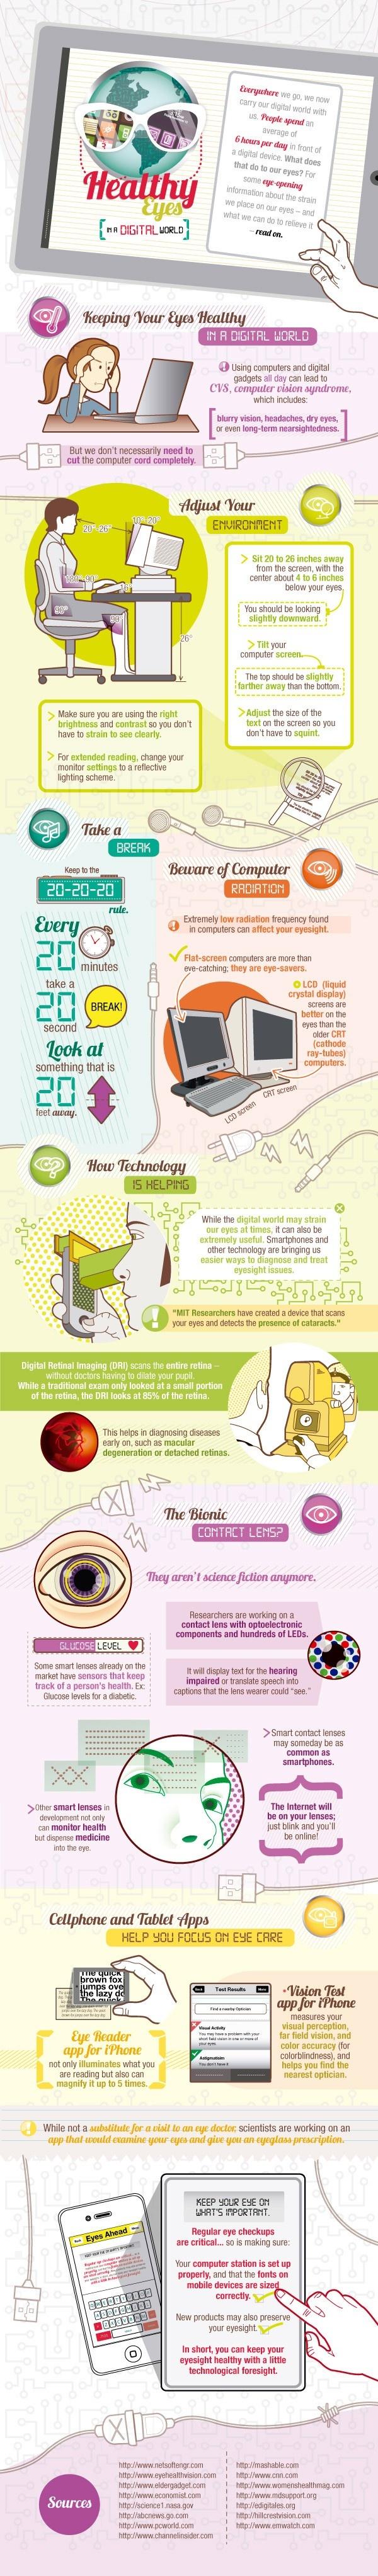 Healthy Eyes on the Digital World